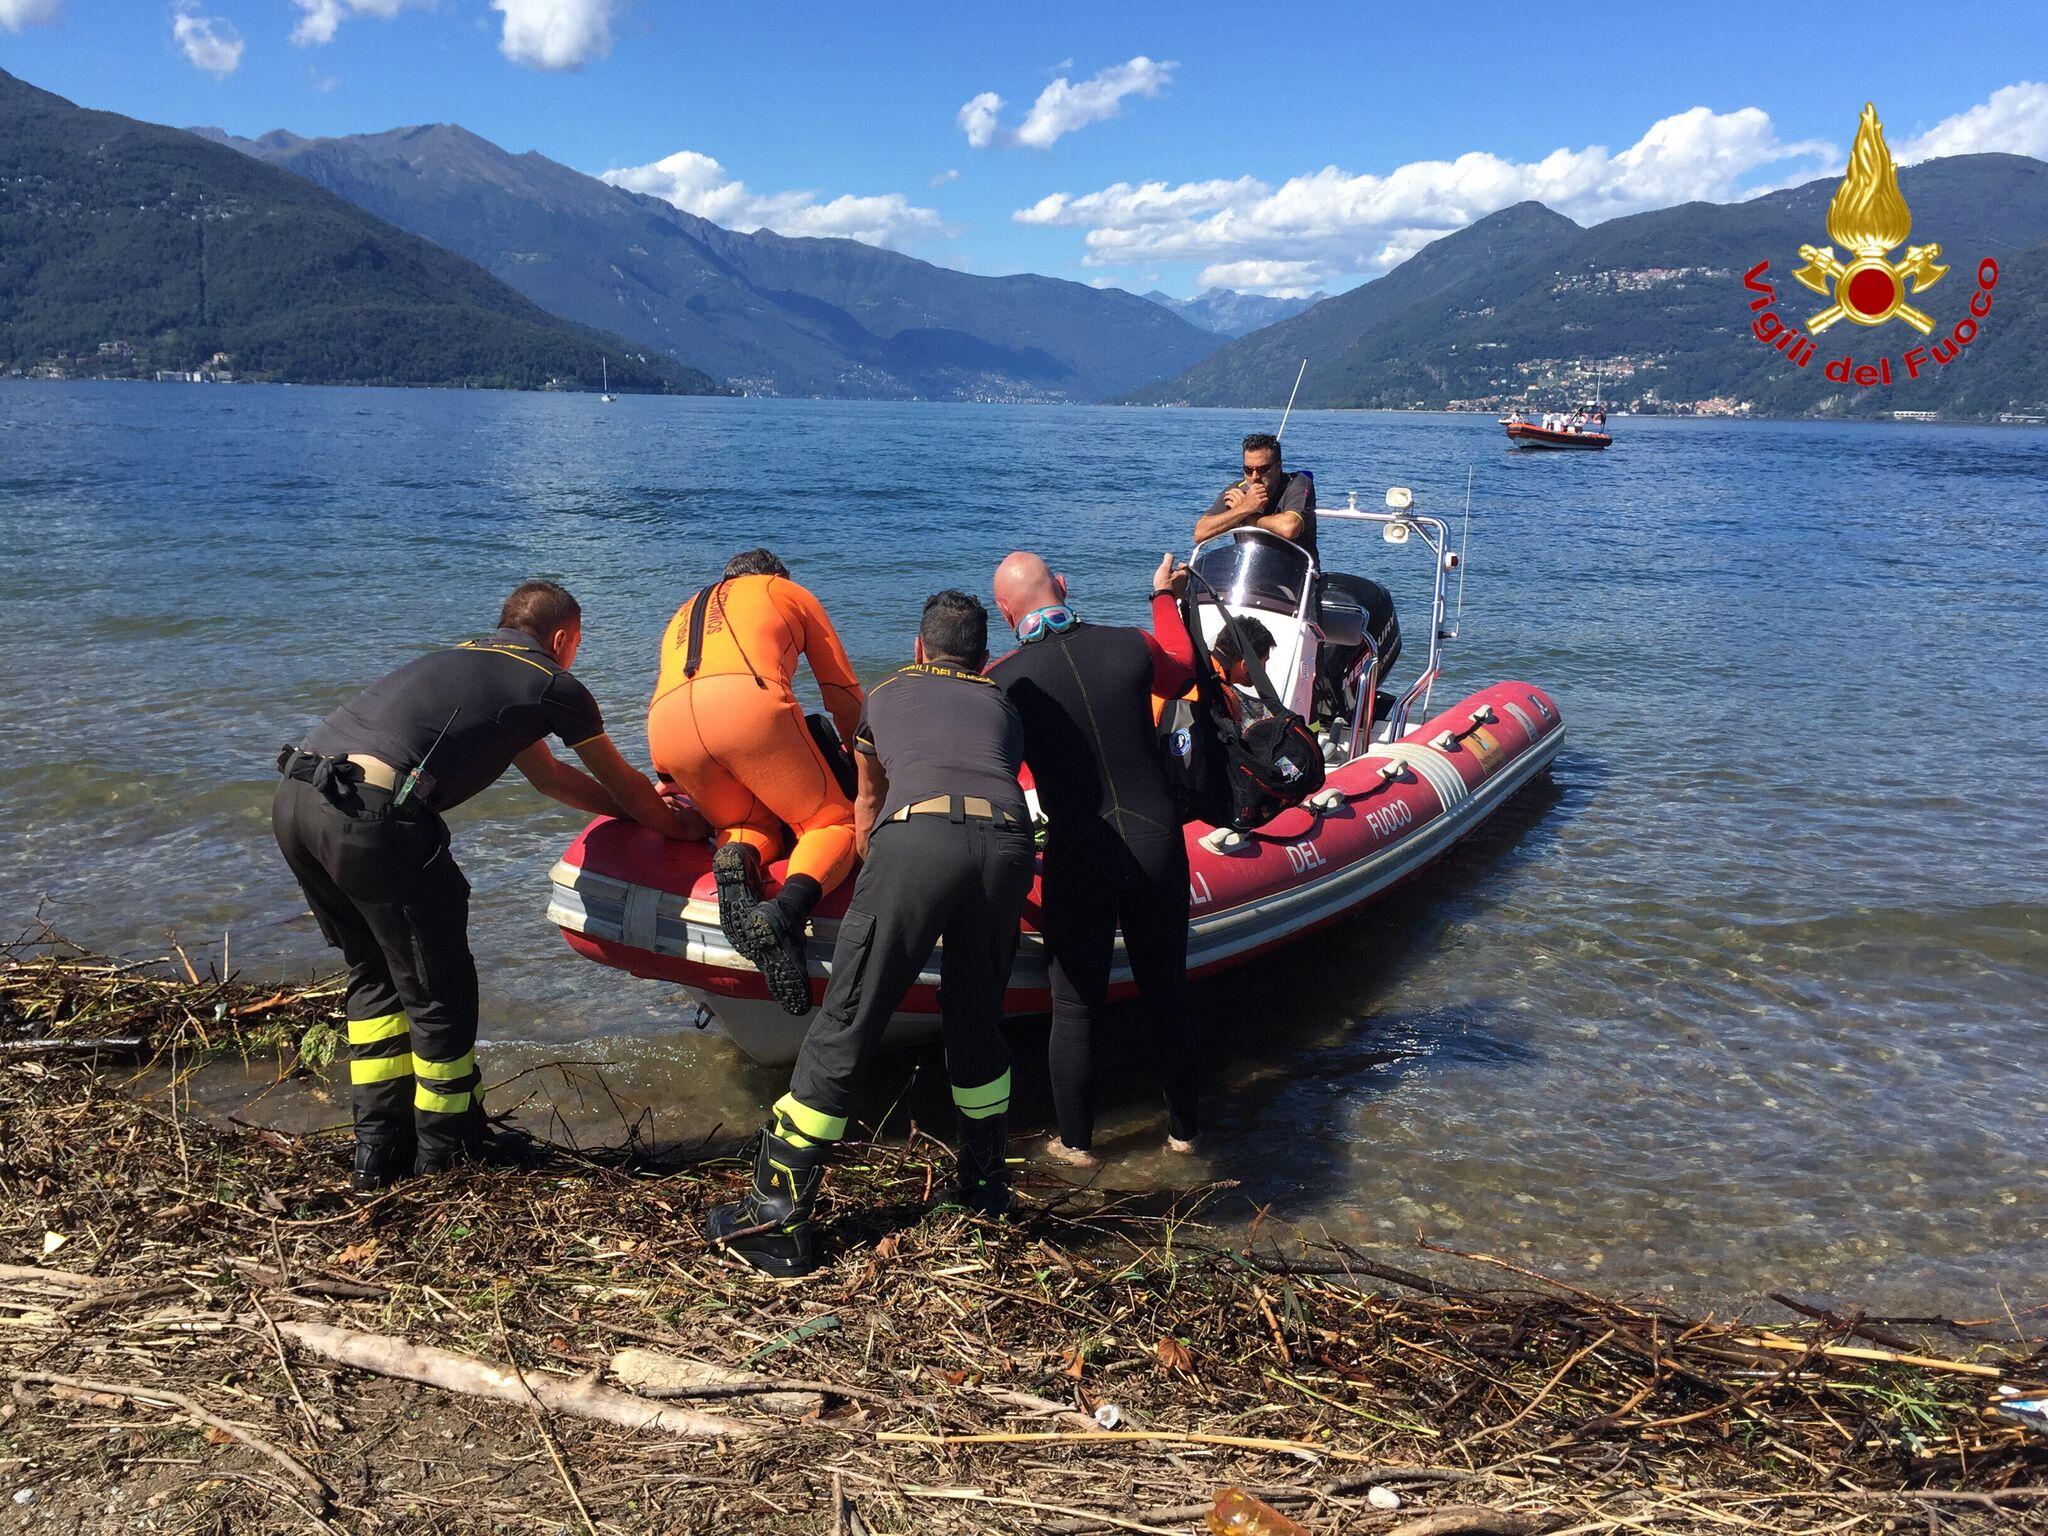 Tragedia a Germignaga, un 27enne muore annegato nelle acque della foce del Tresa